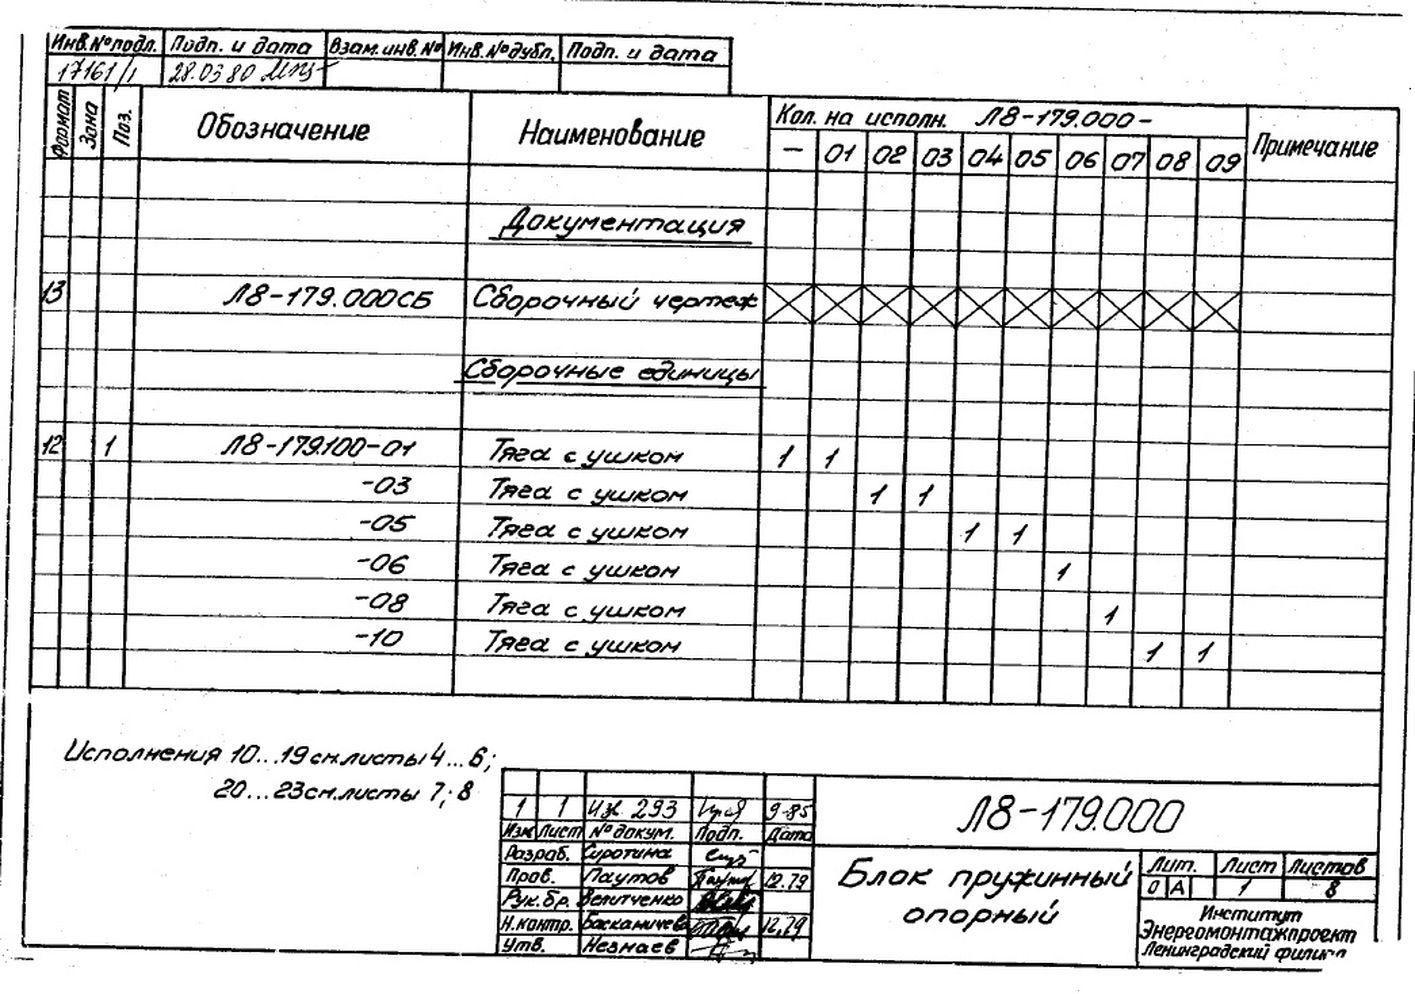 Блоки пружинные опорные Л8-179.000 стр.2